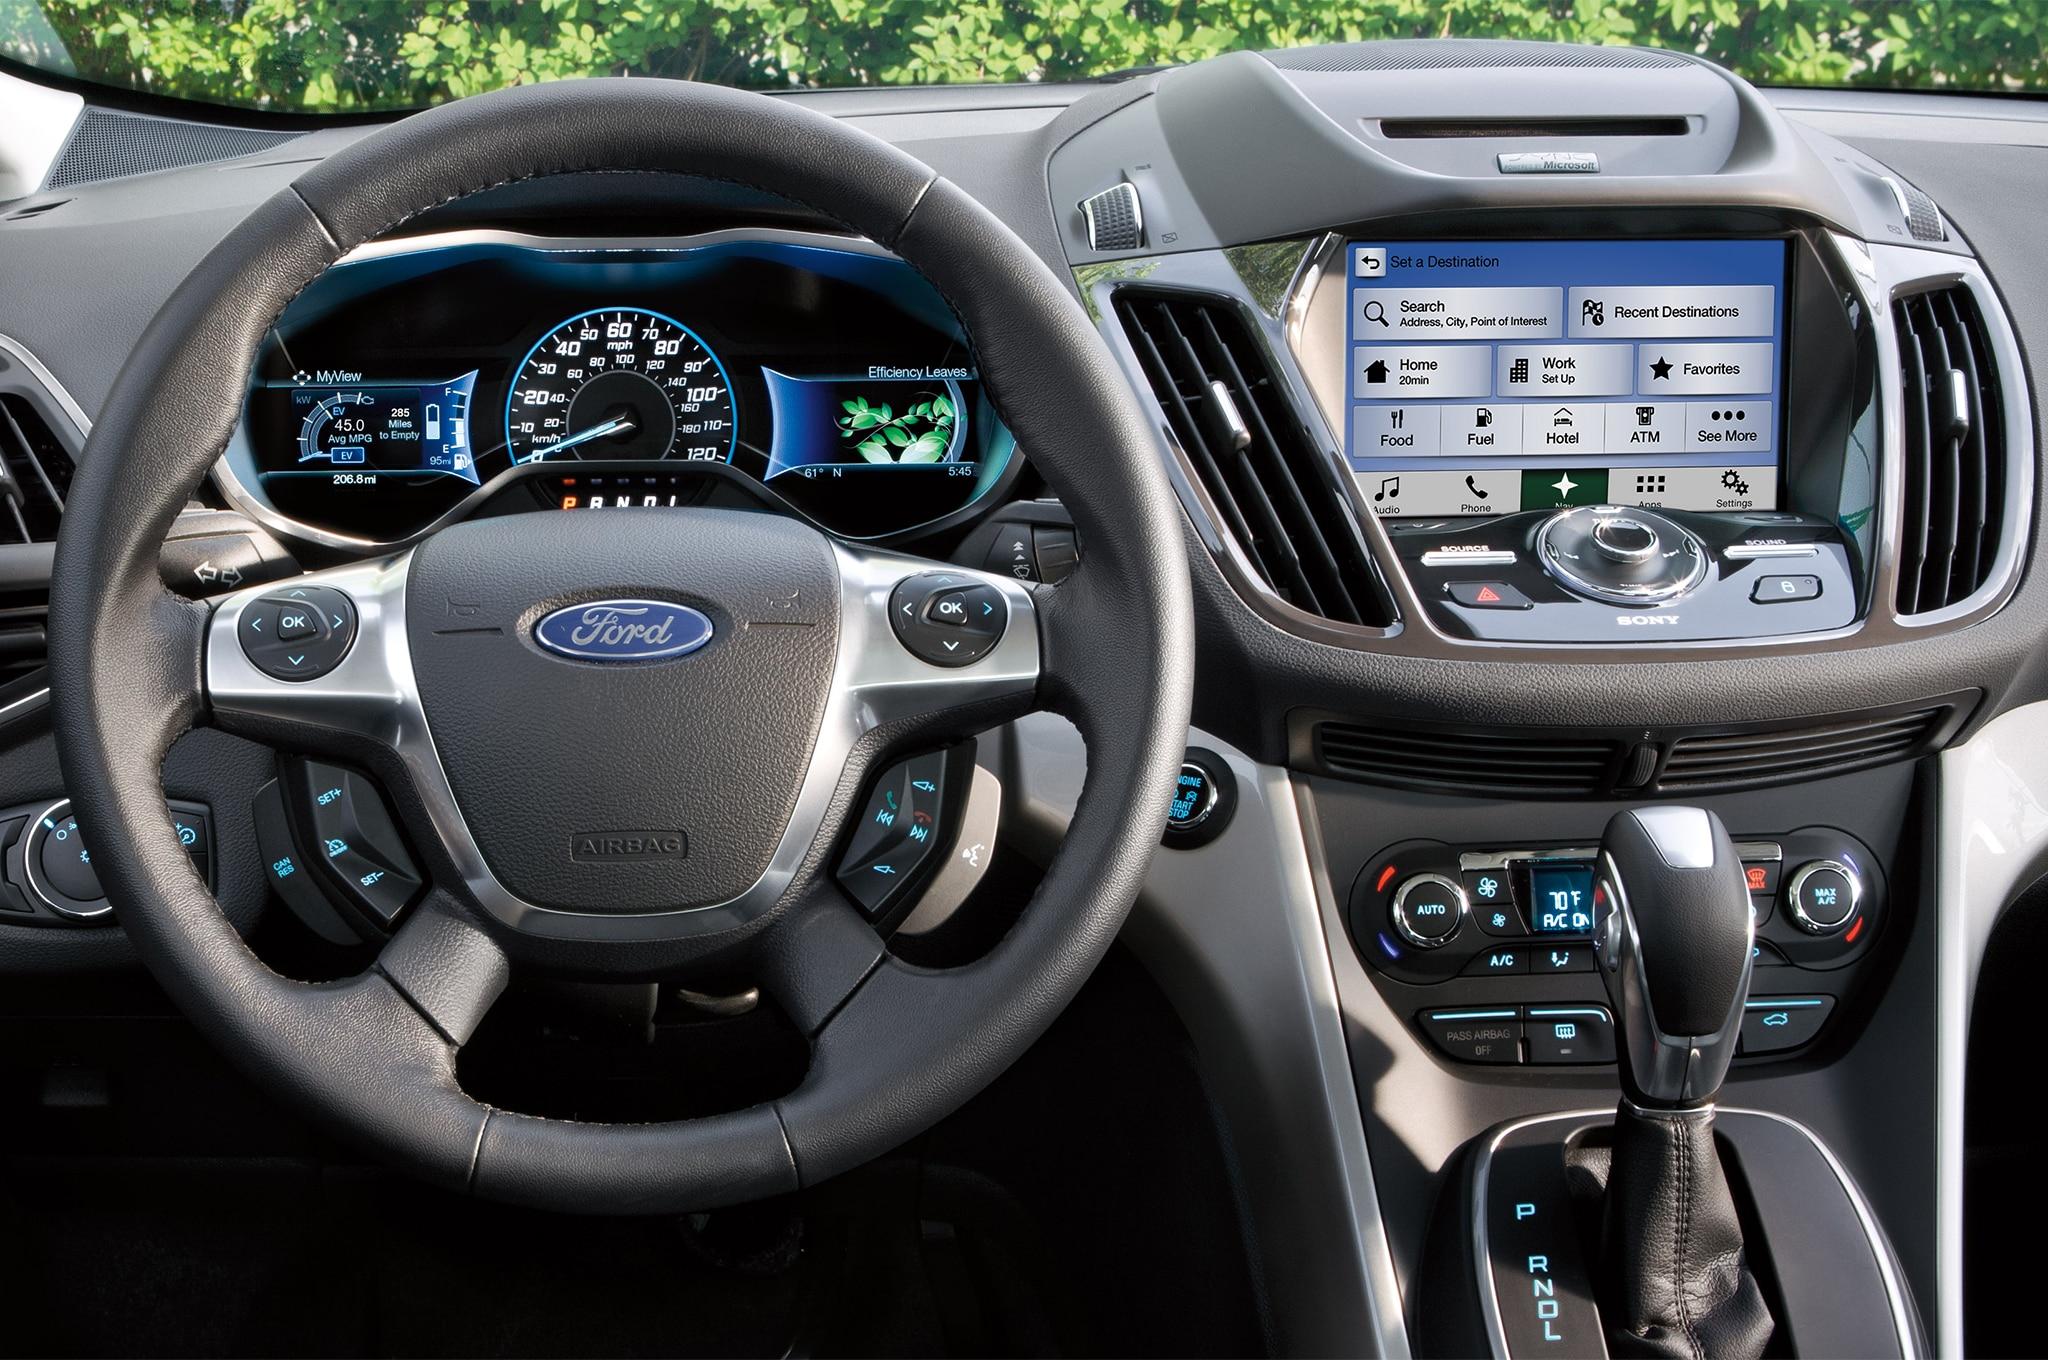 2017 Ford C-Max Receives New Titanium Trim, Lower Starting Price | Automobile Magazine